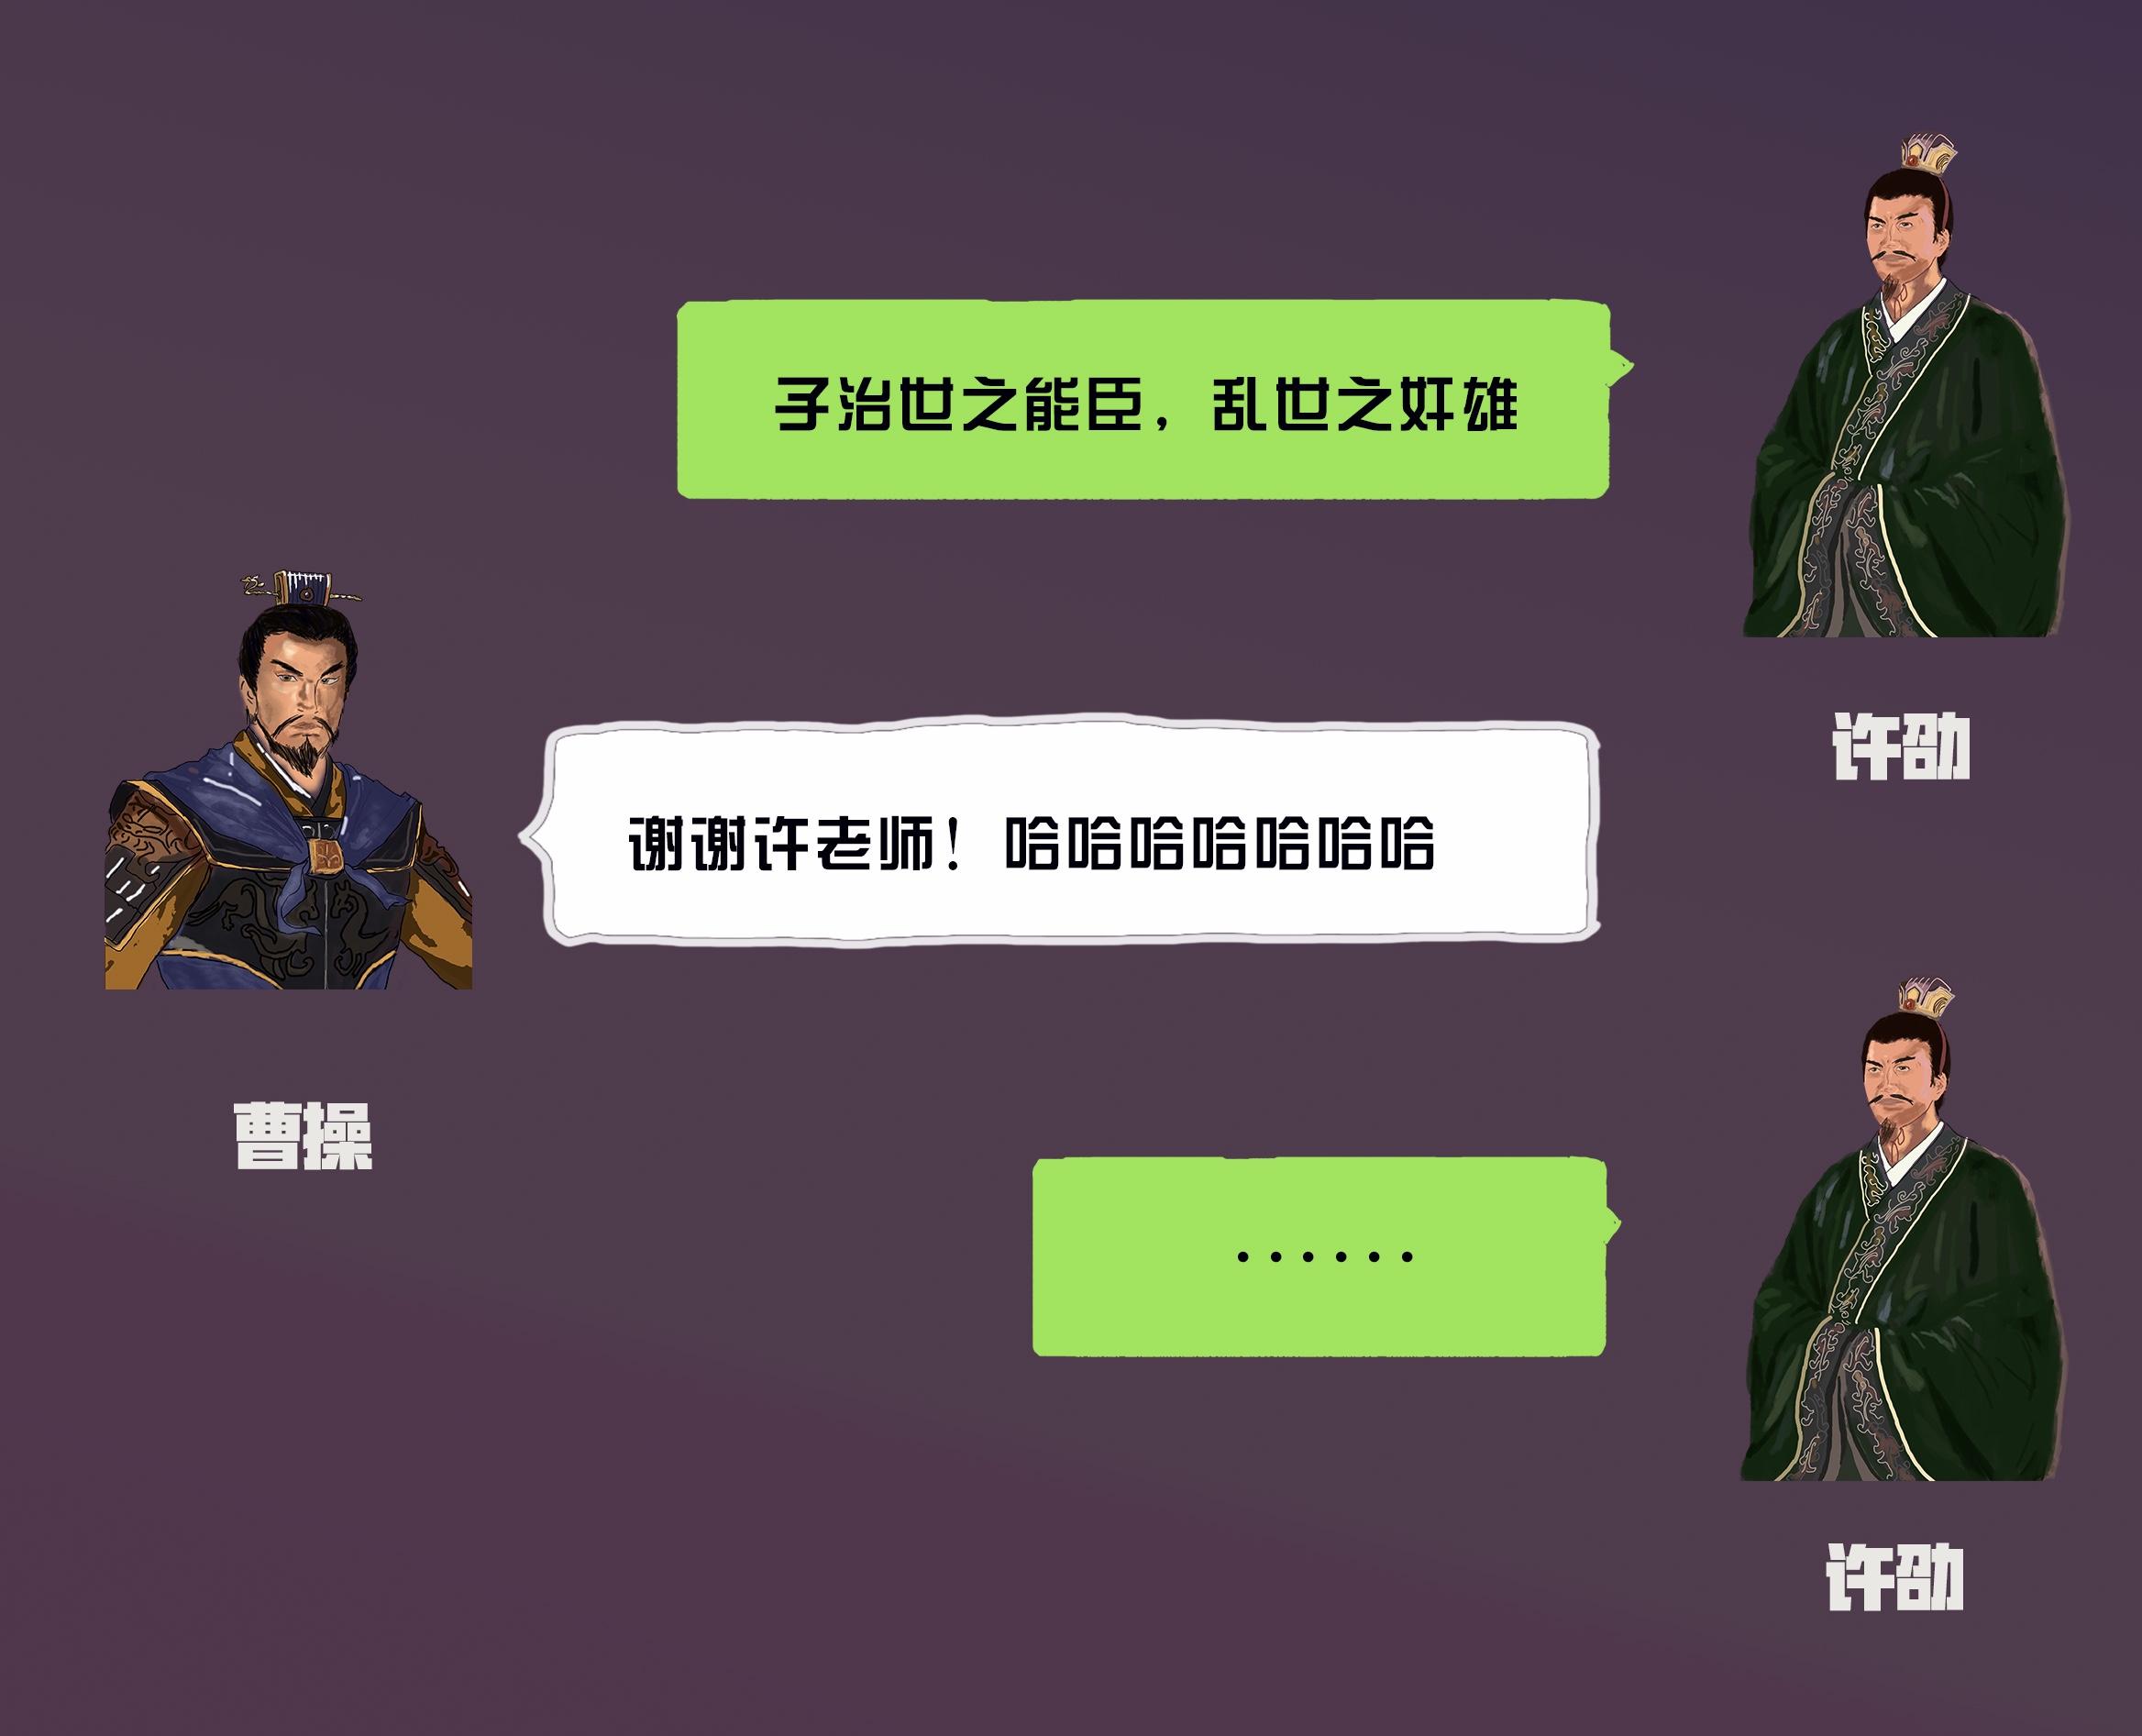 曹操-许劭-对话2.jpg